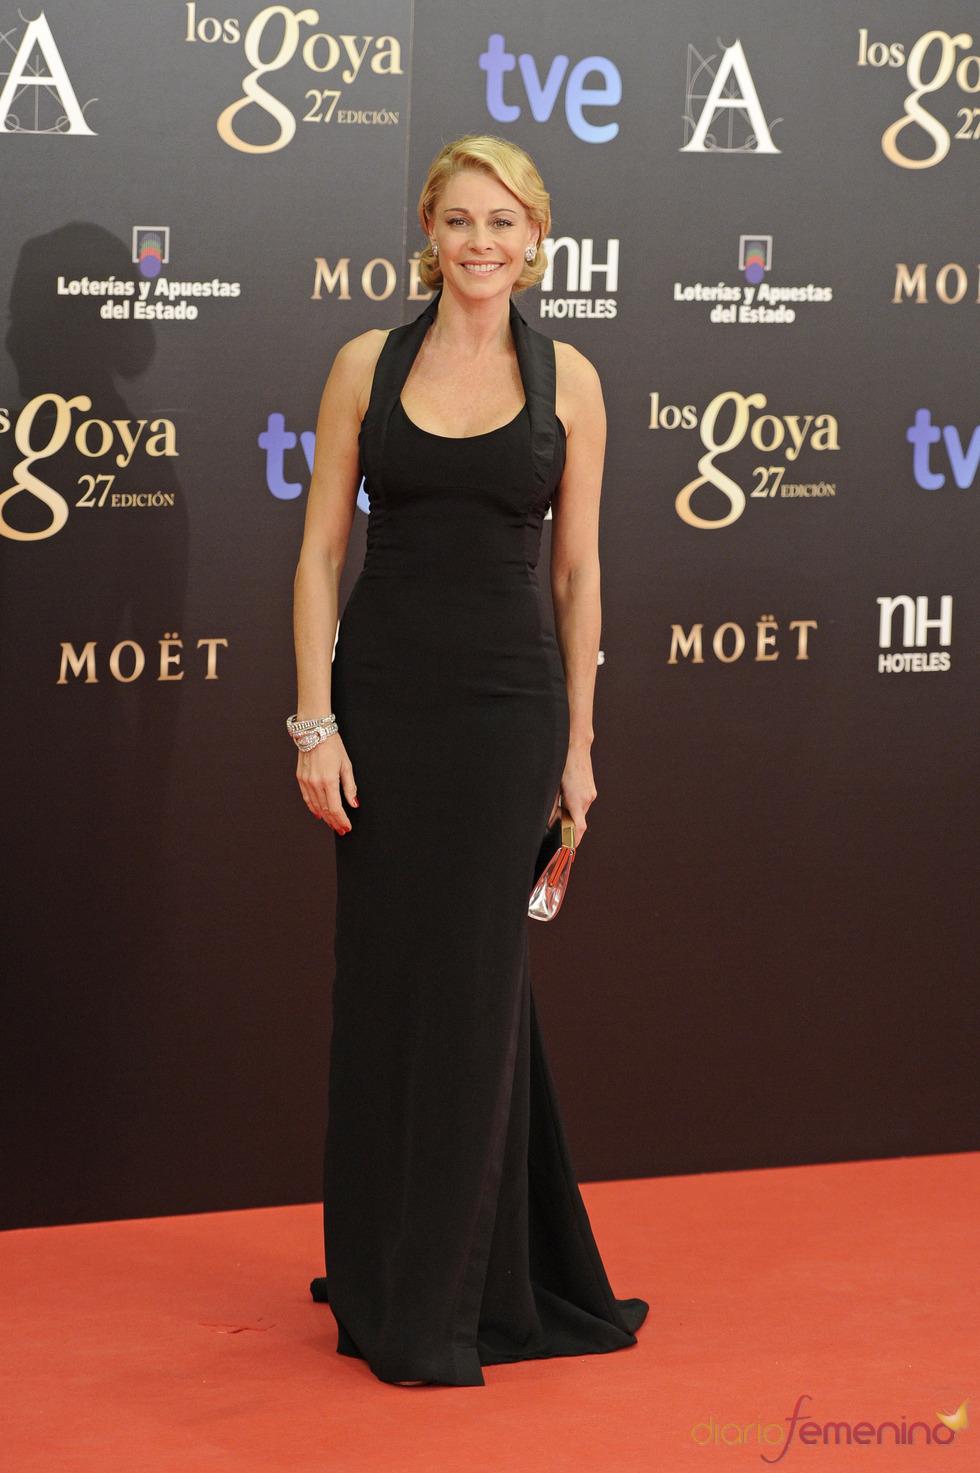 Belén Rueda en la alfombra roja de los Goya 2013